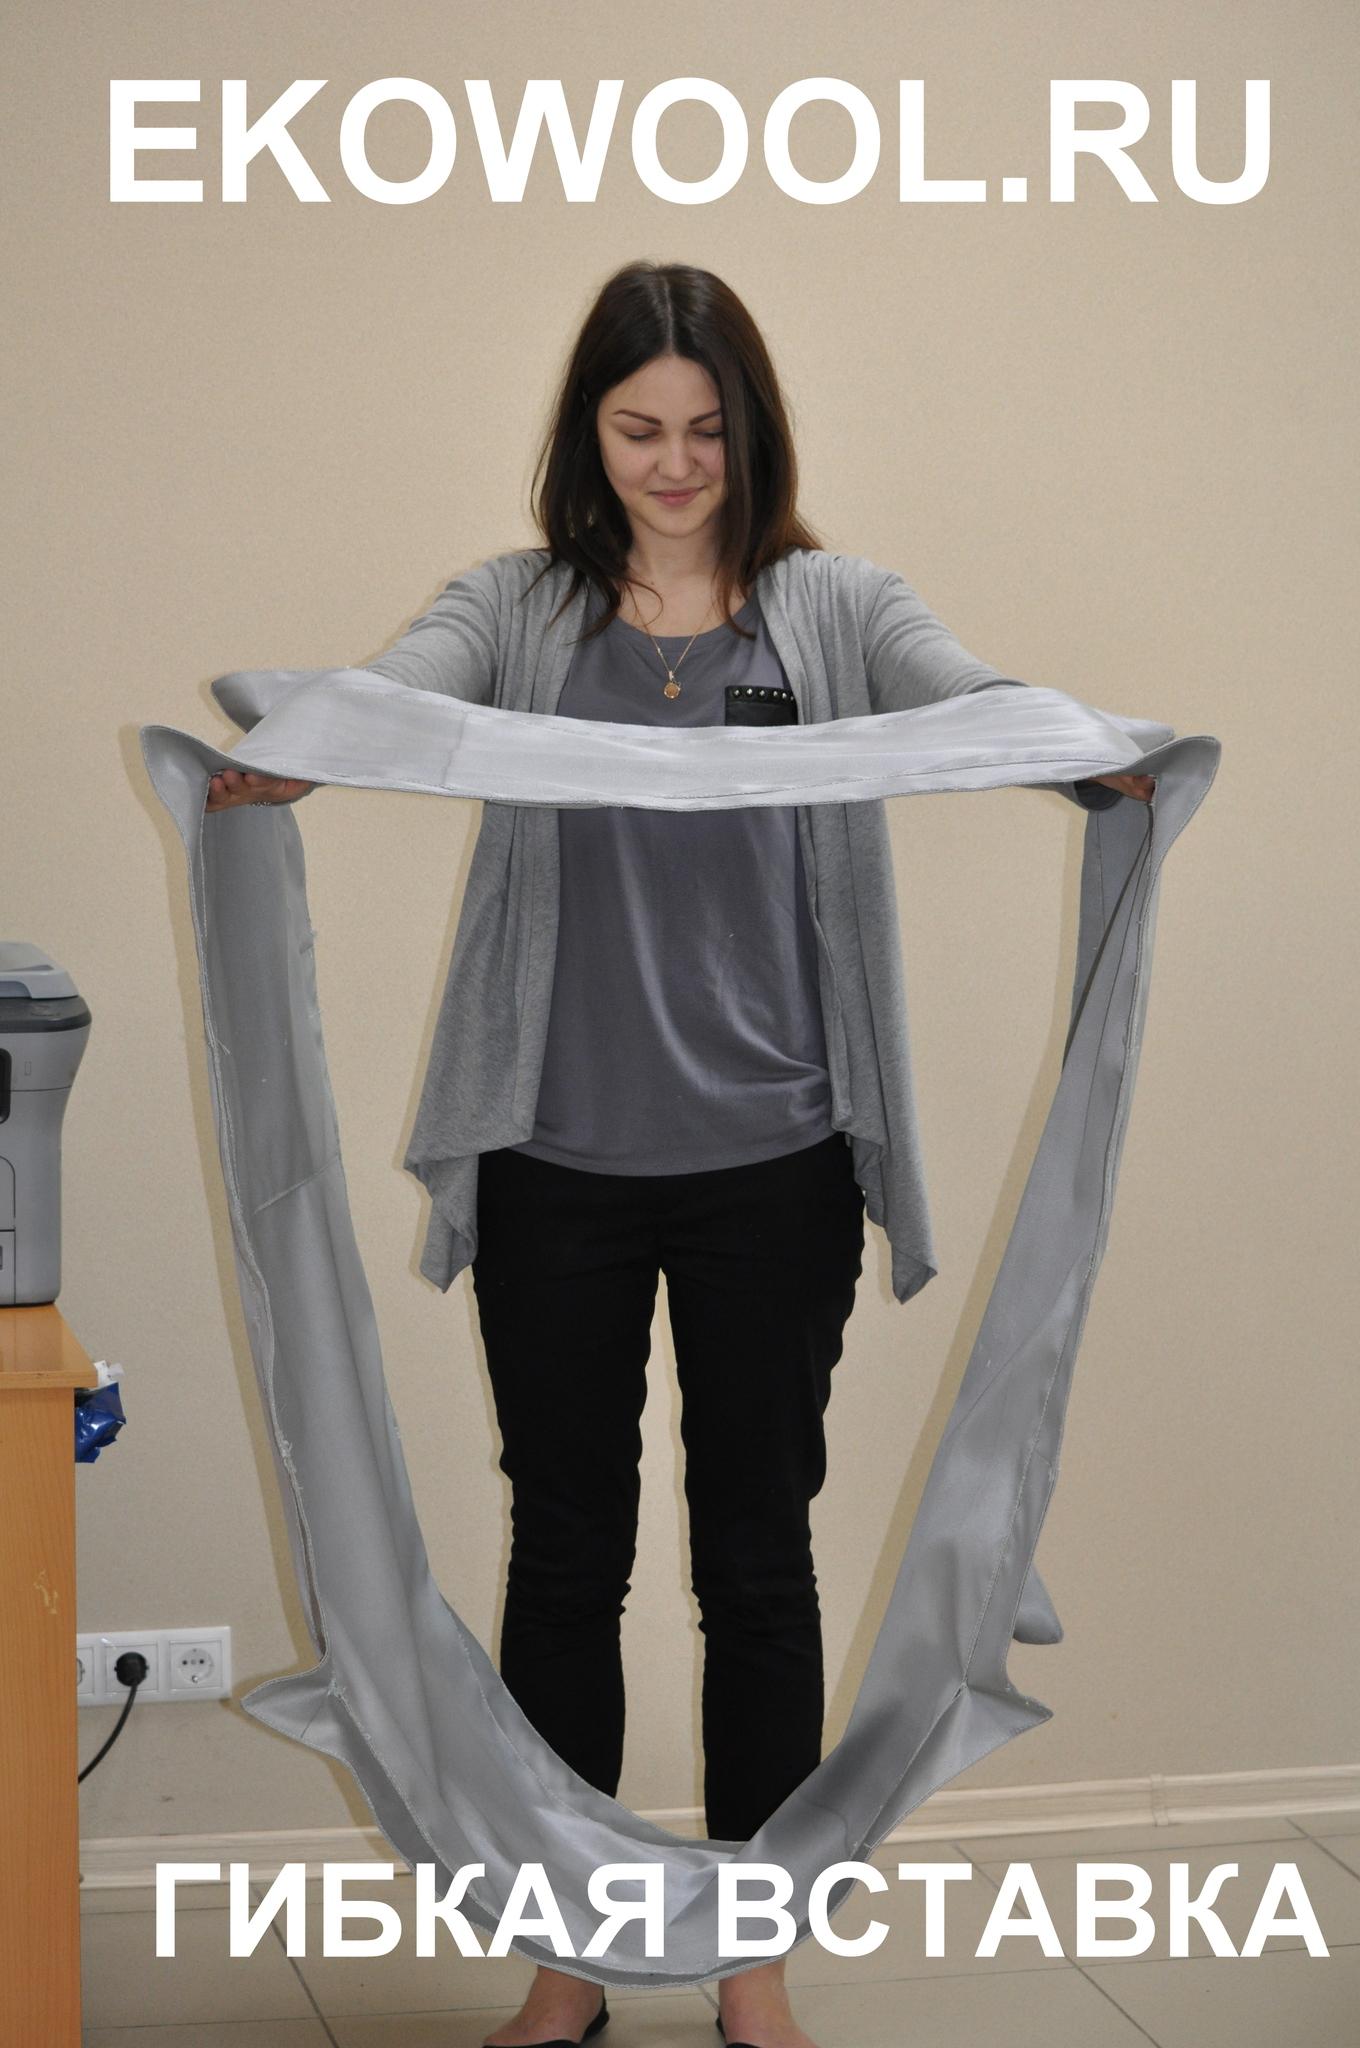 нестандартный размер гибкой вставки для воздуховодов